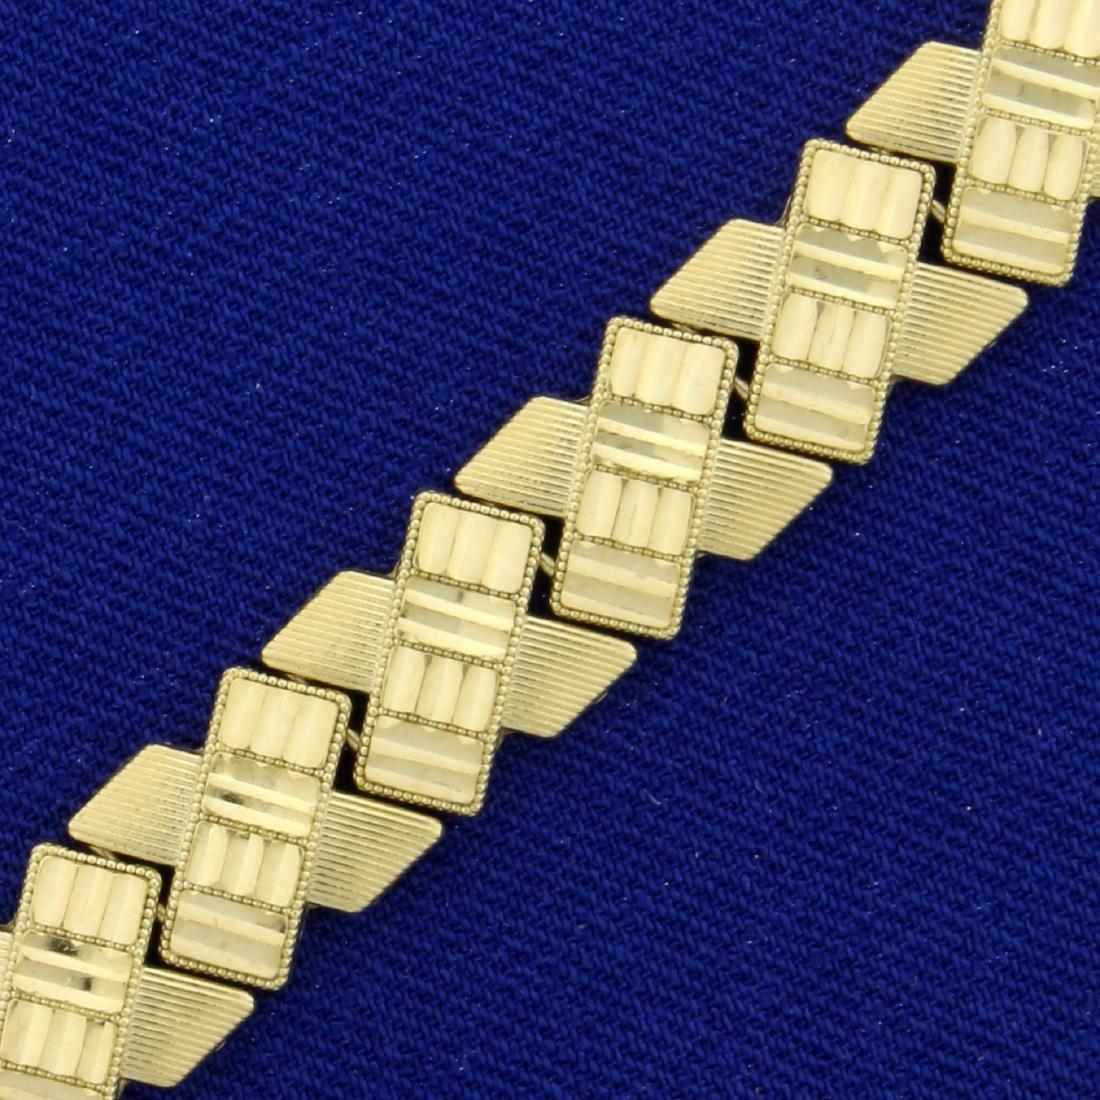 Diamond Cut X-Link Bracelet in 10K Yellow Gold - 2